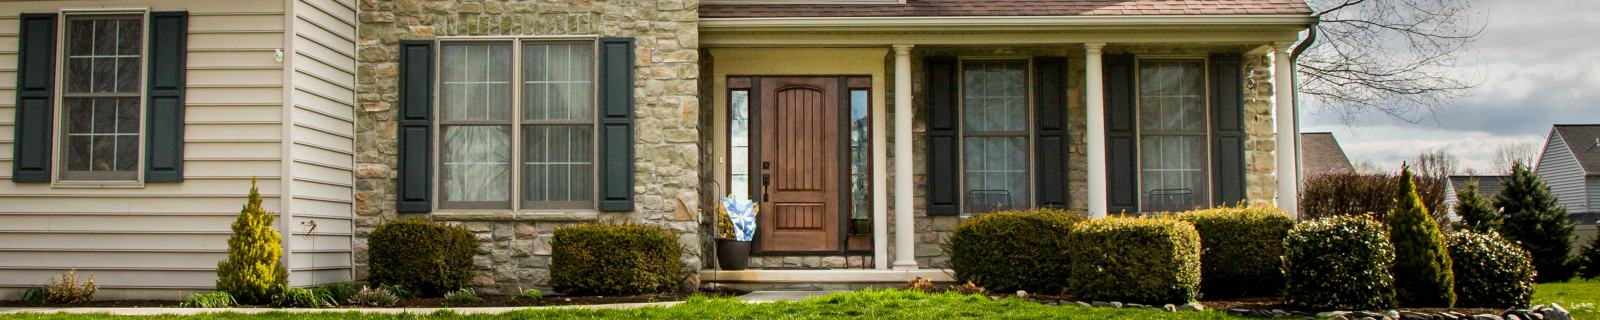 entry door replacement - new wooden front door